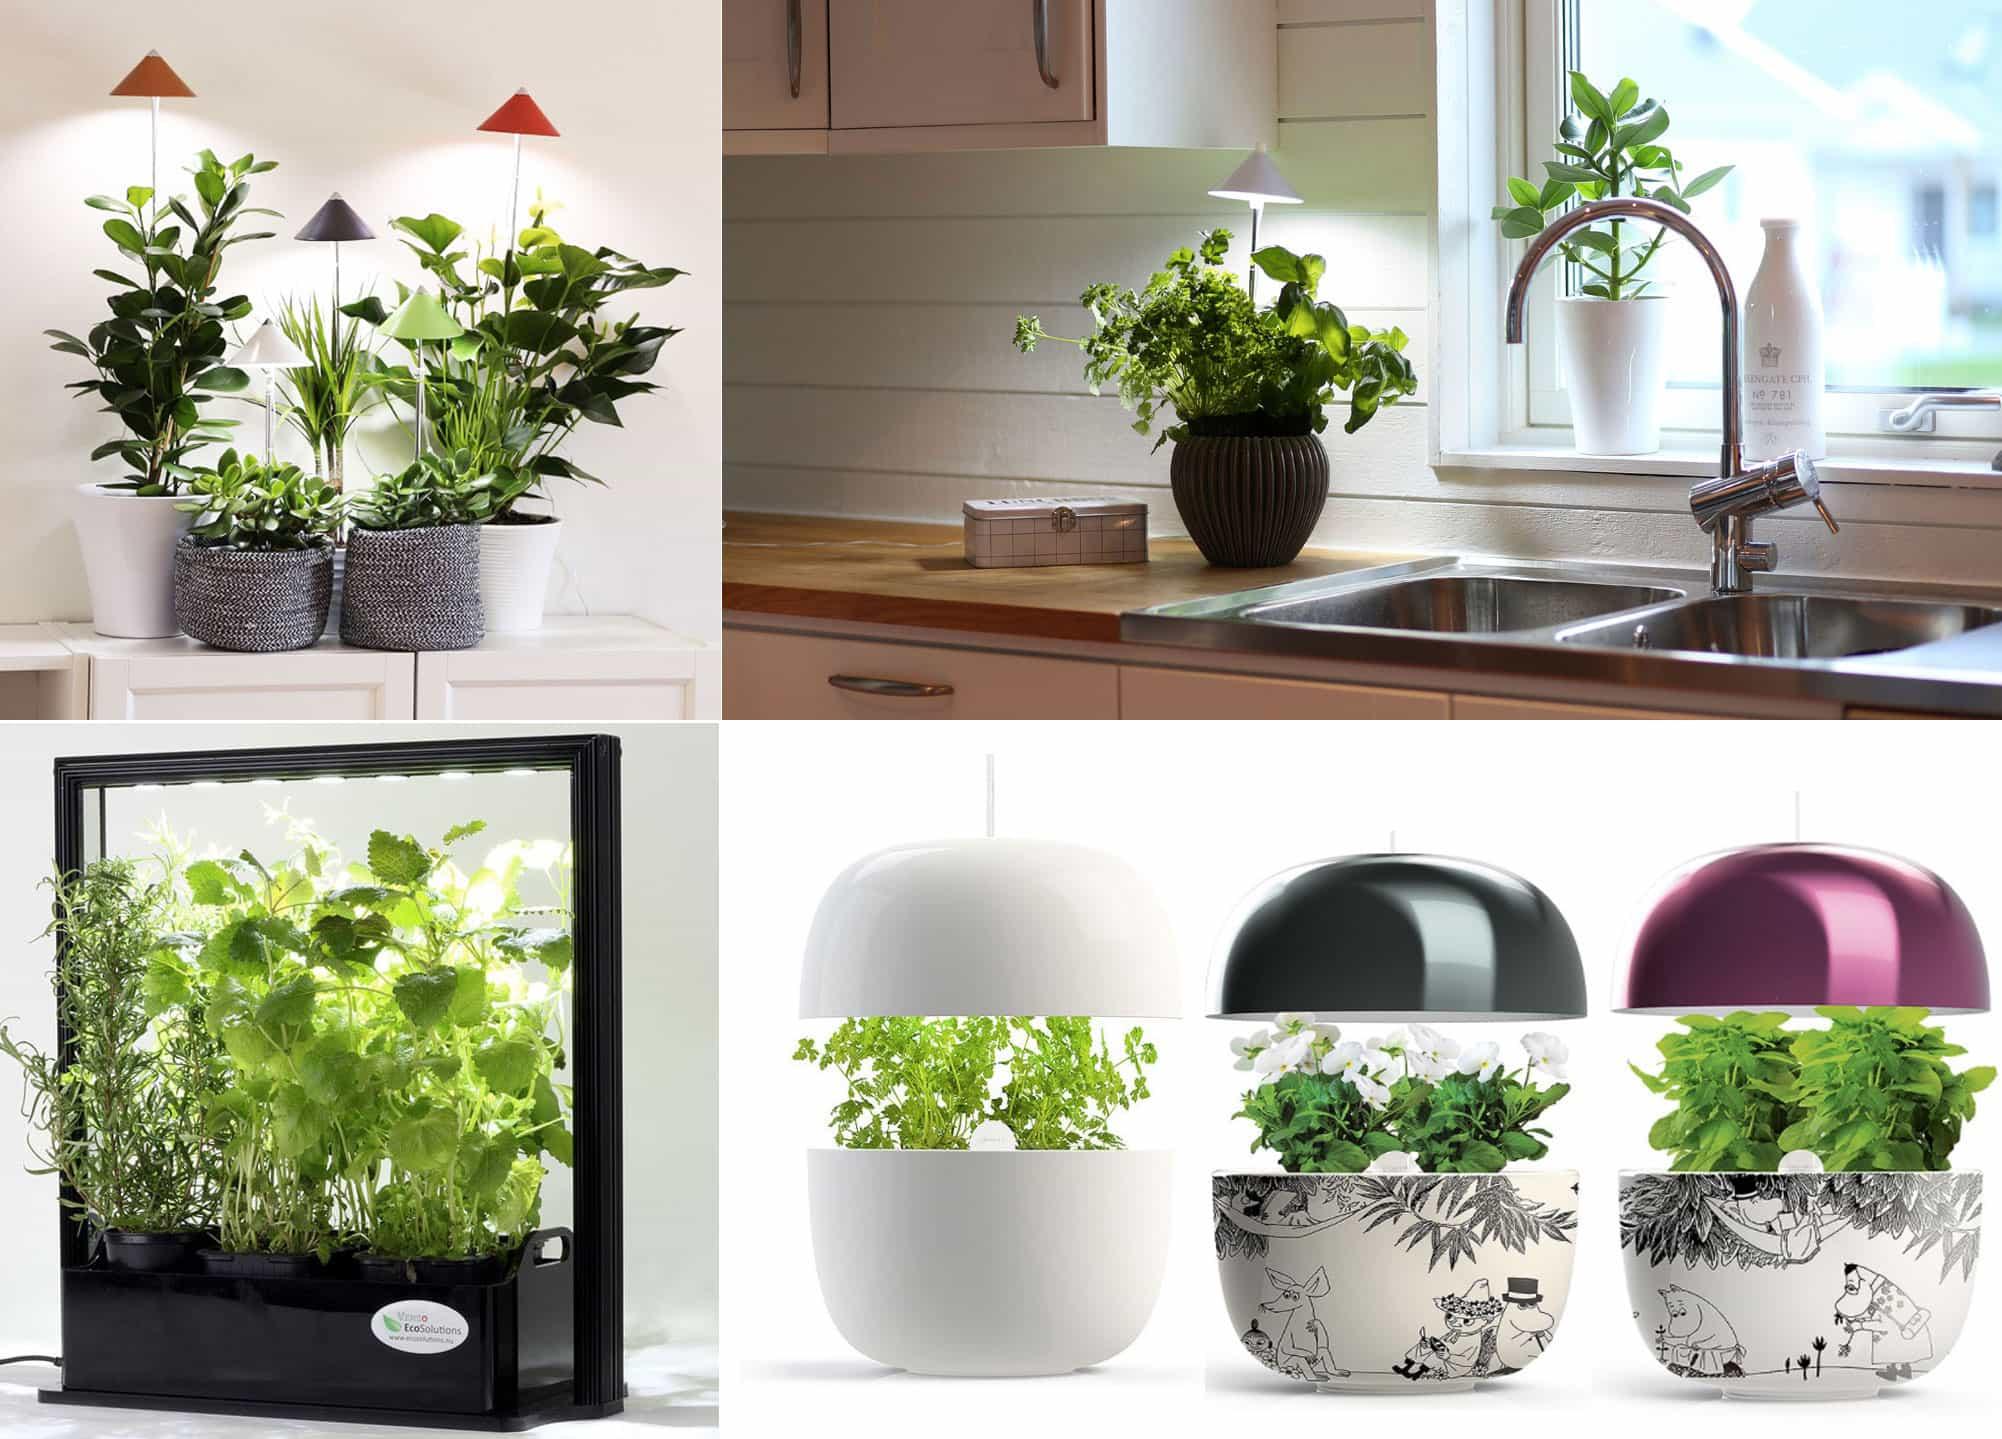 lampa för växter inomhus